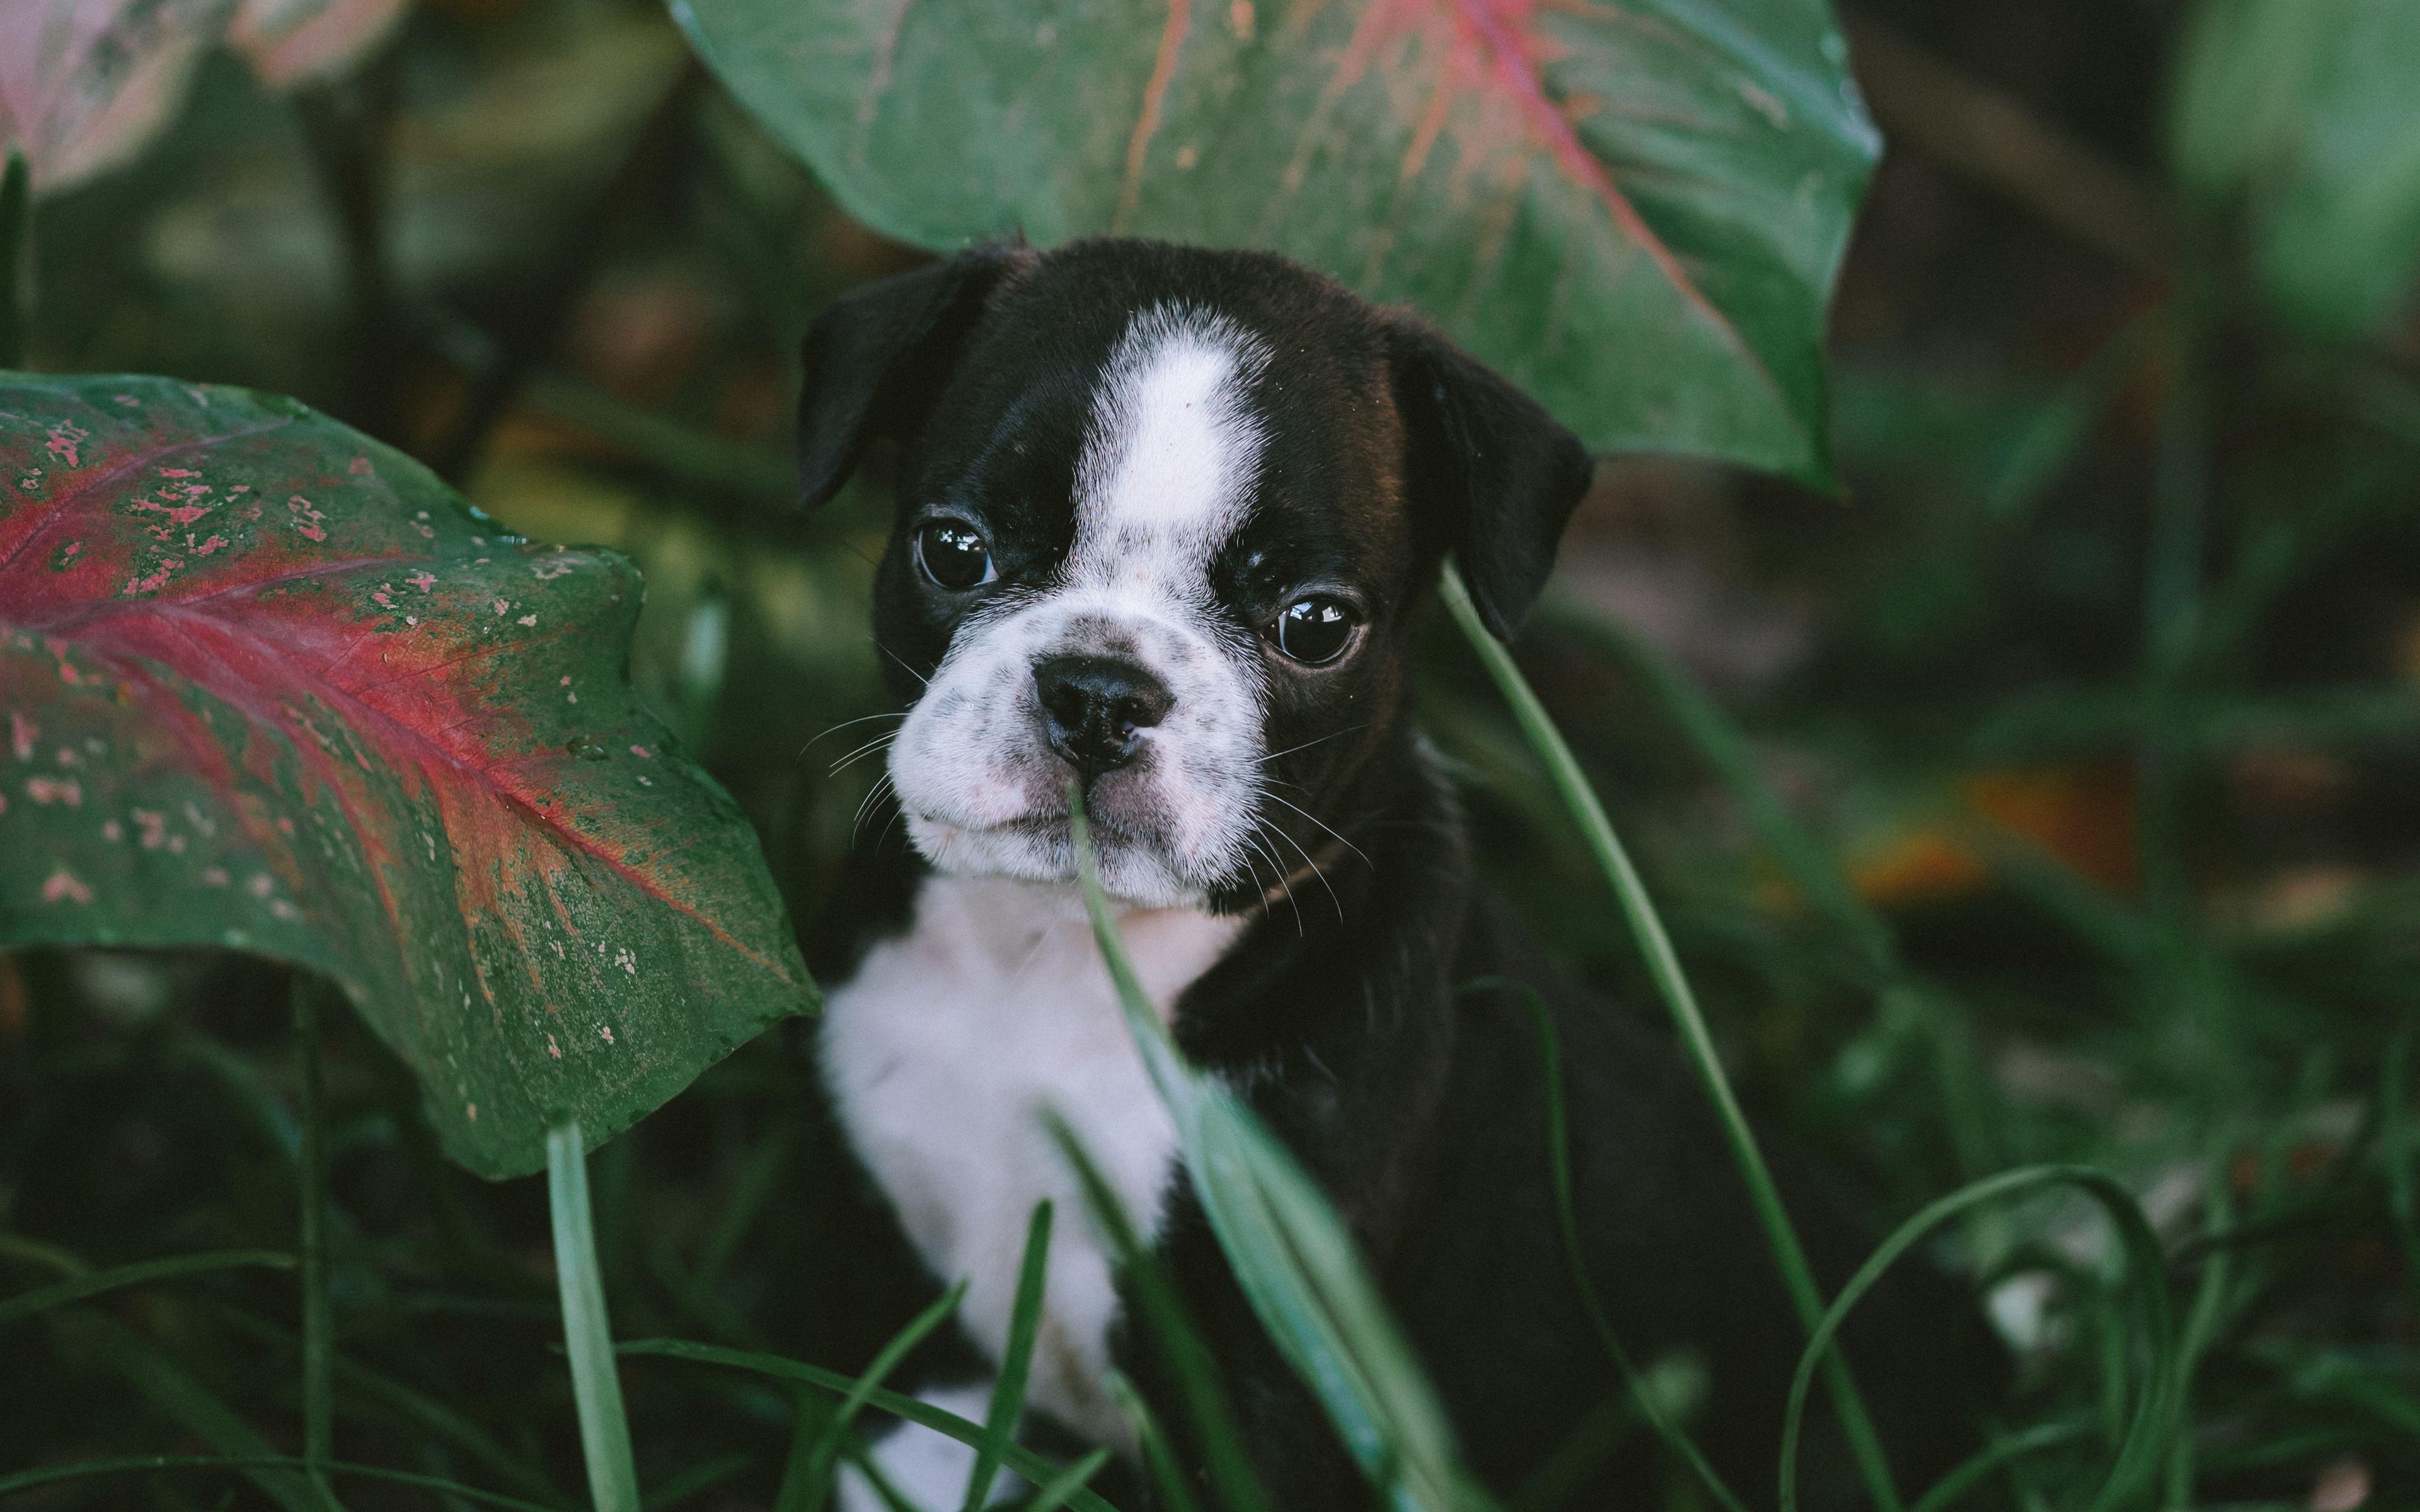 Fondos de pantalla Cachorro en jardín